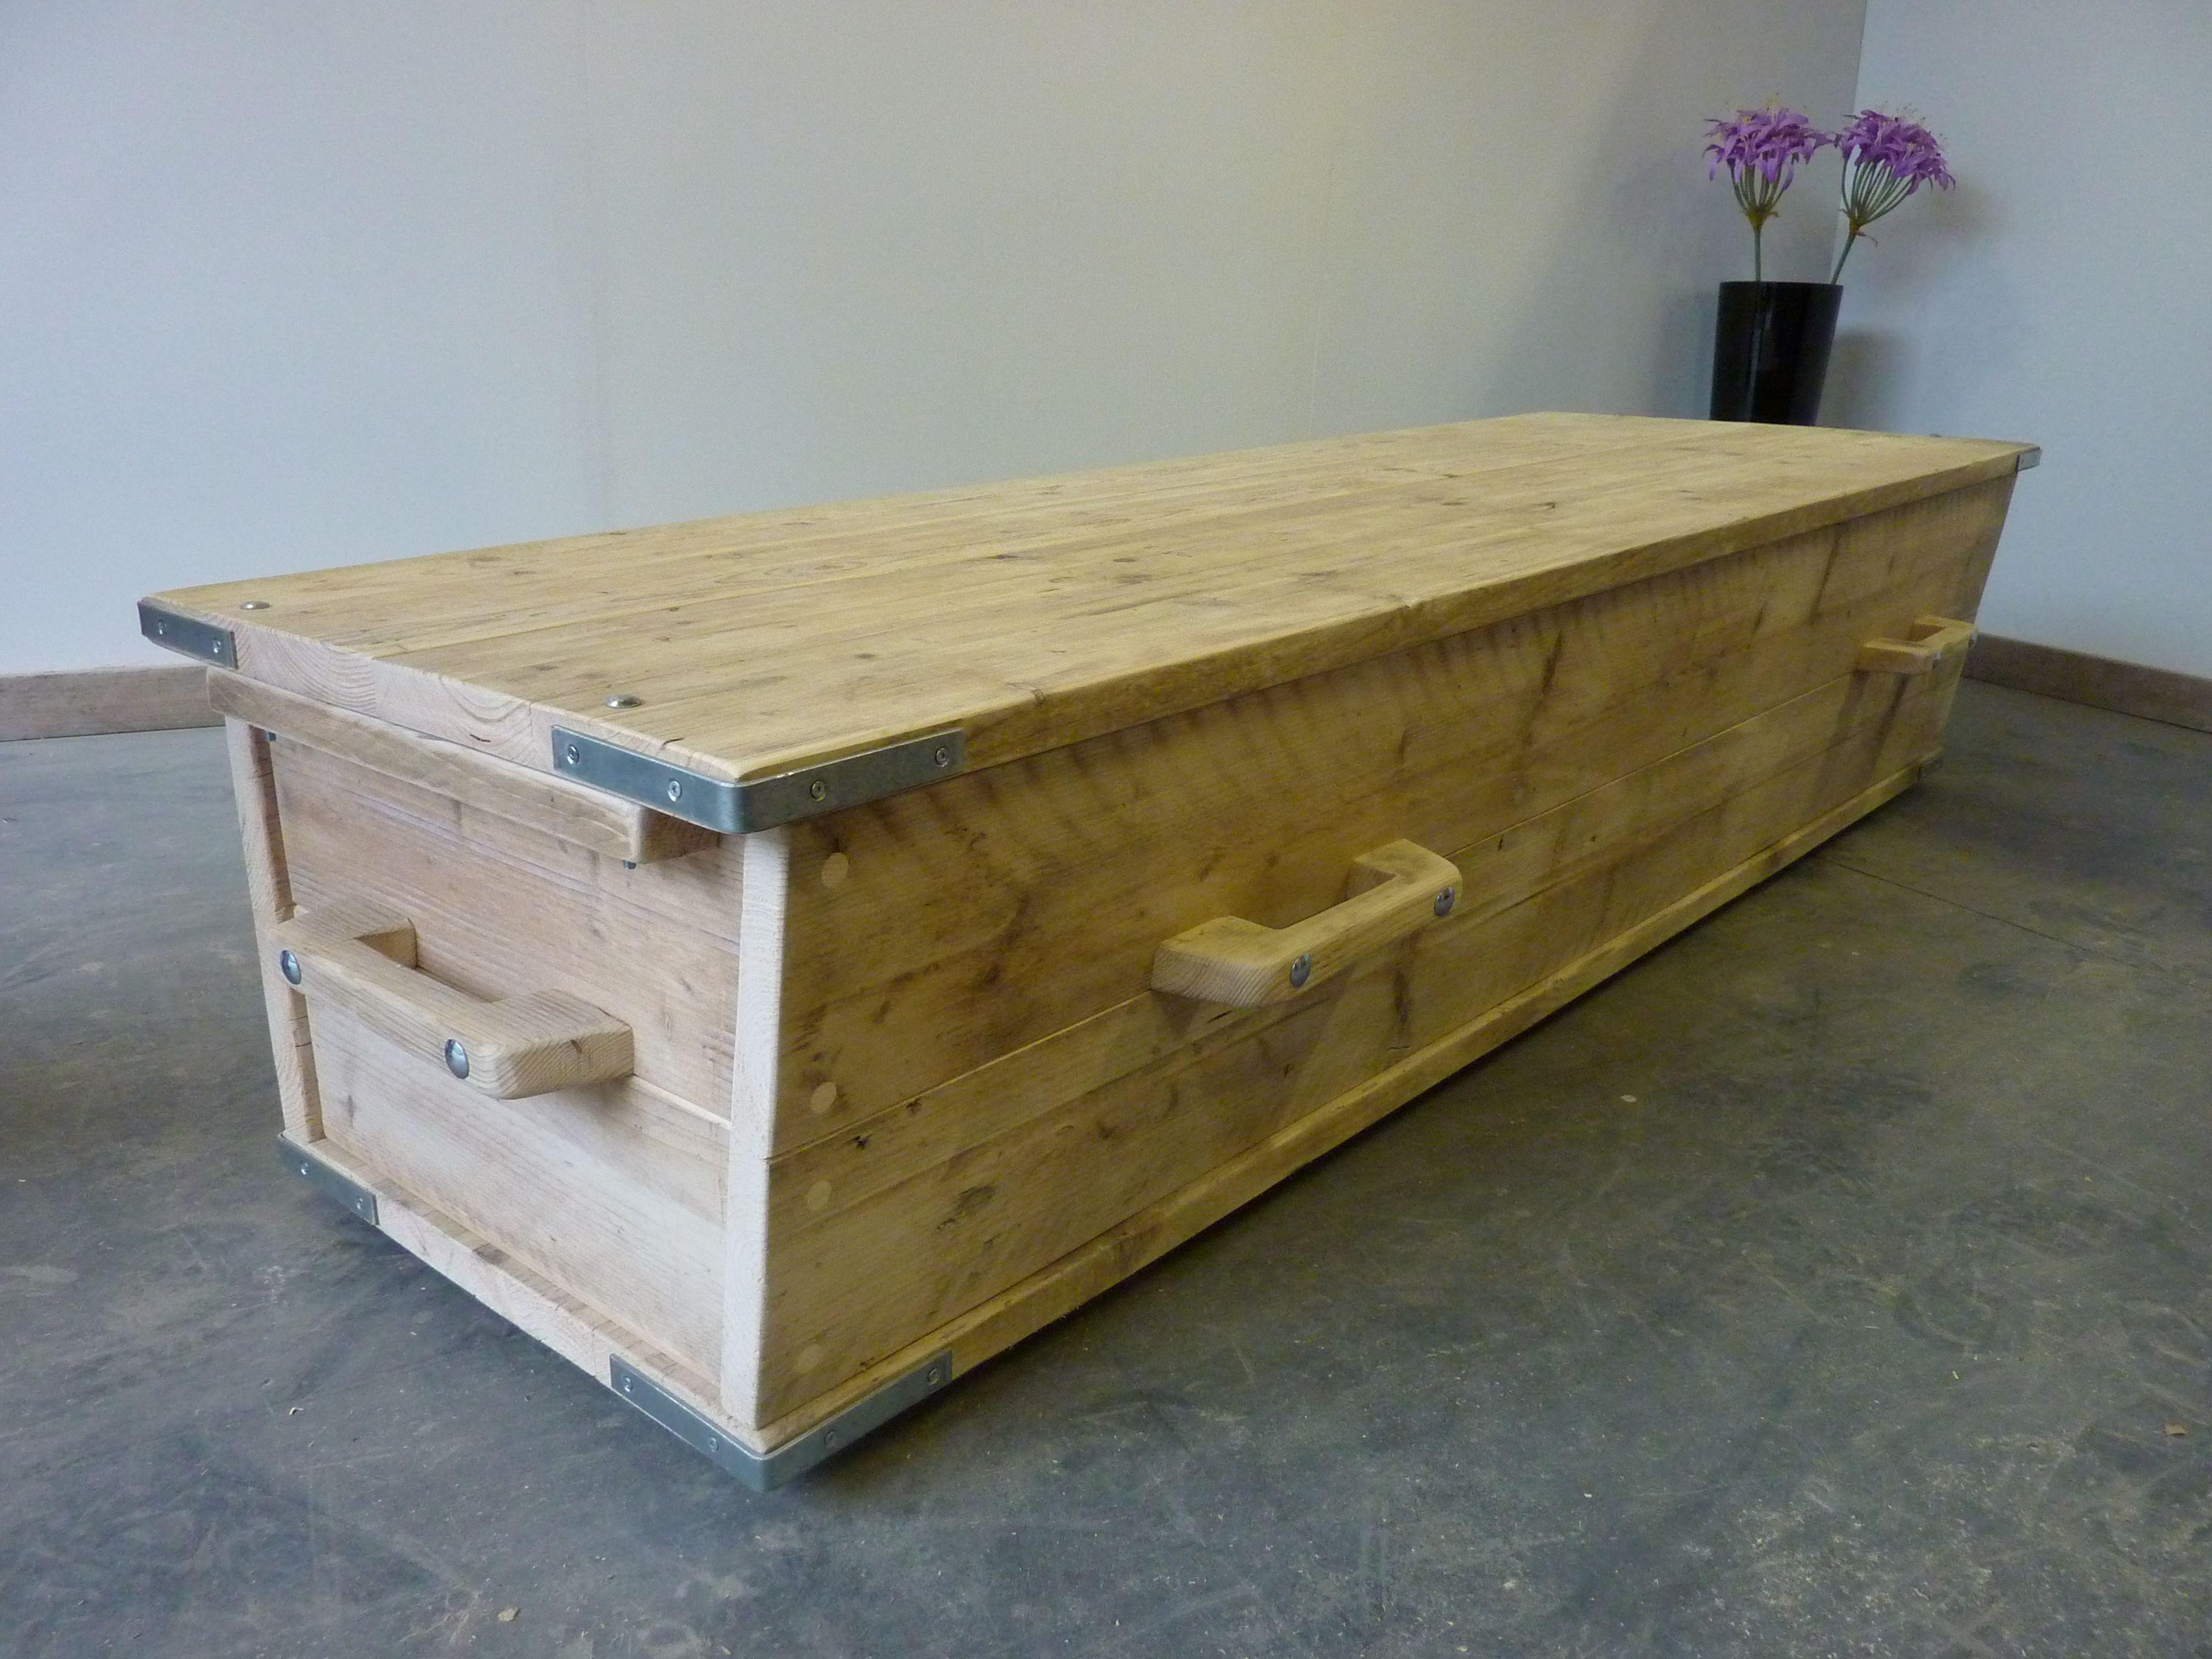 Bed Tv Meubel : Steigerhouten winkelinrichting tafel meubels lounge hoek bank bed